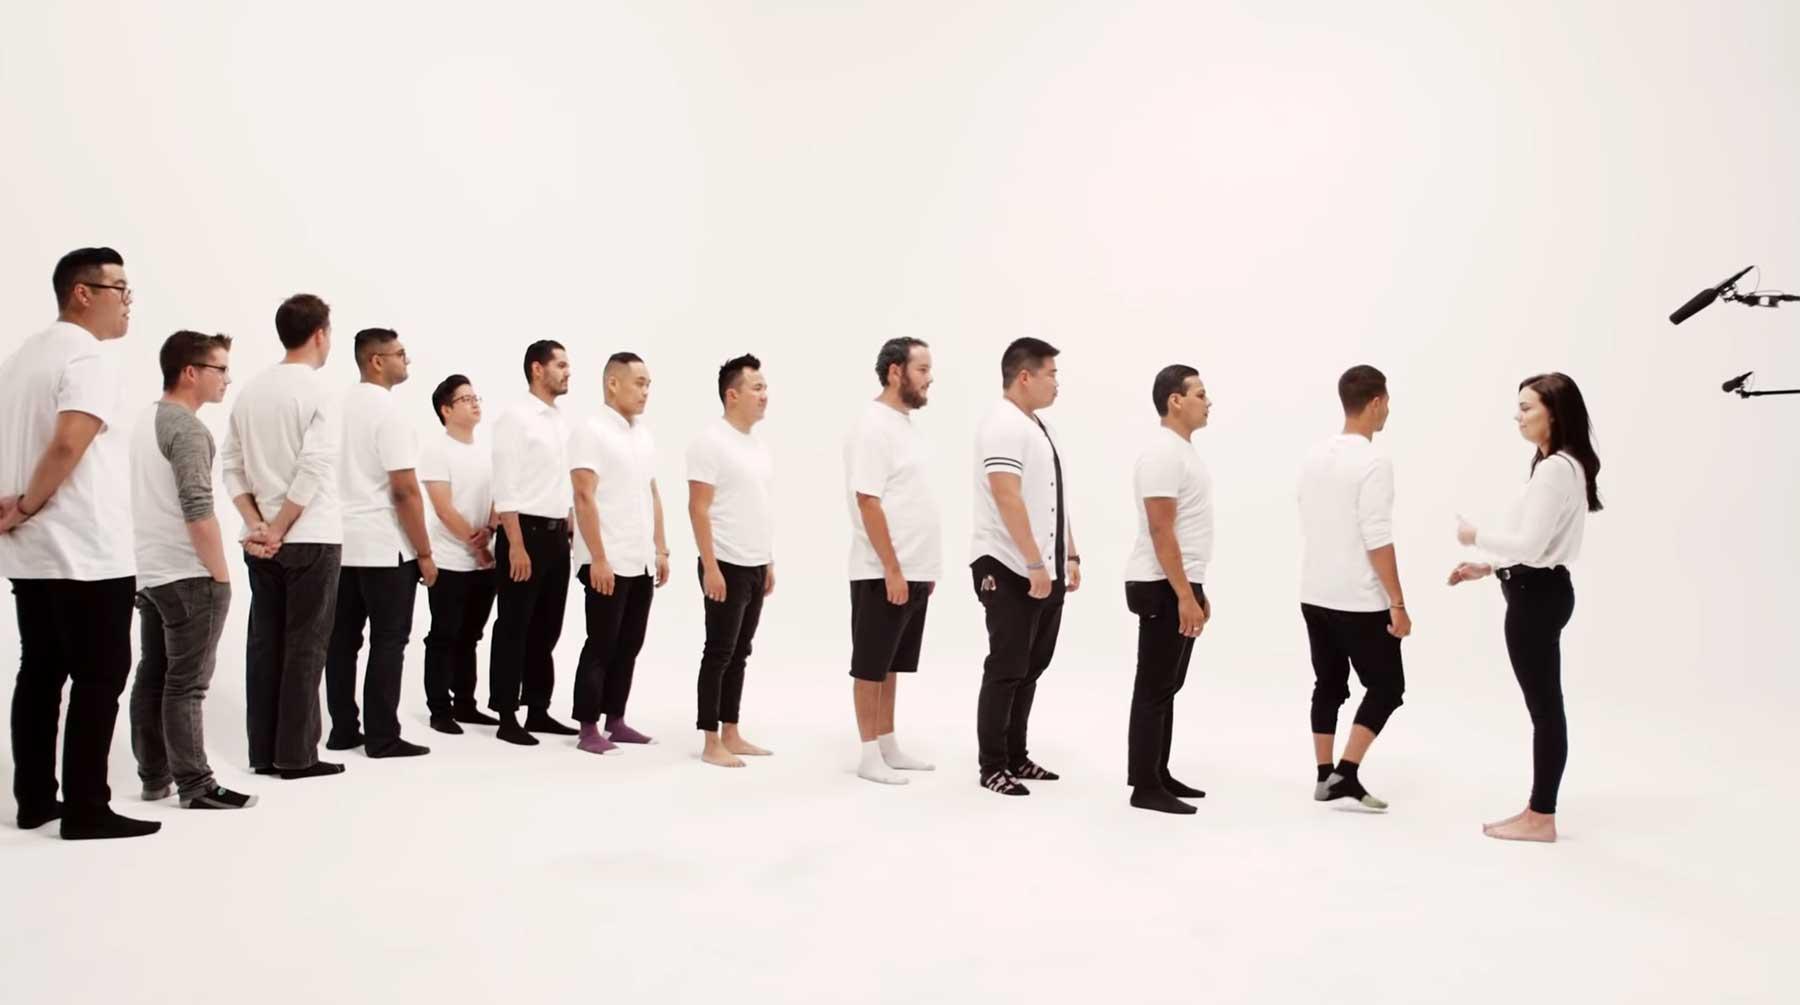 Real Life Tinder: Frau wählt aus 30 Männern